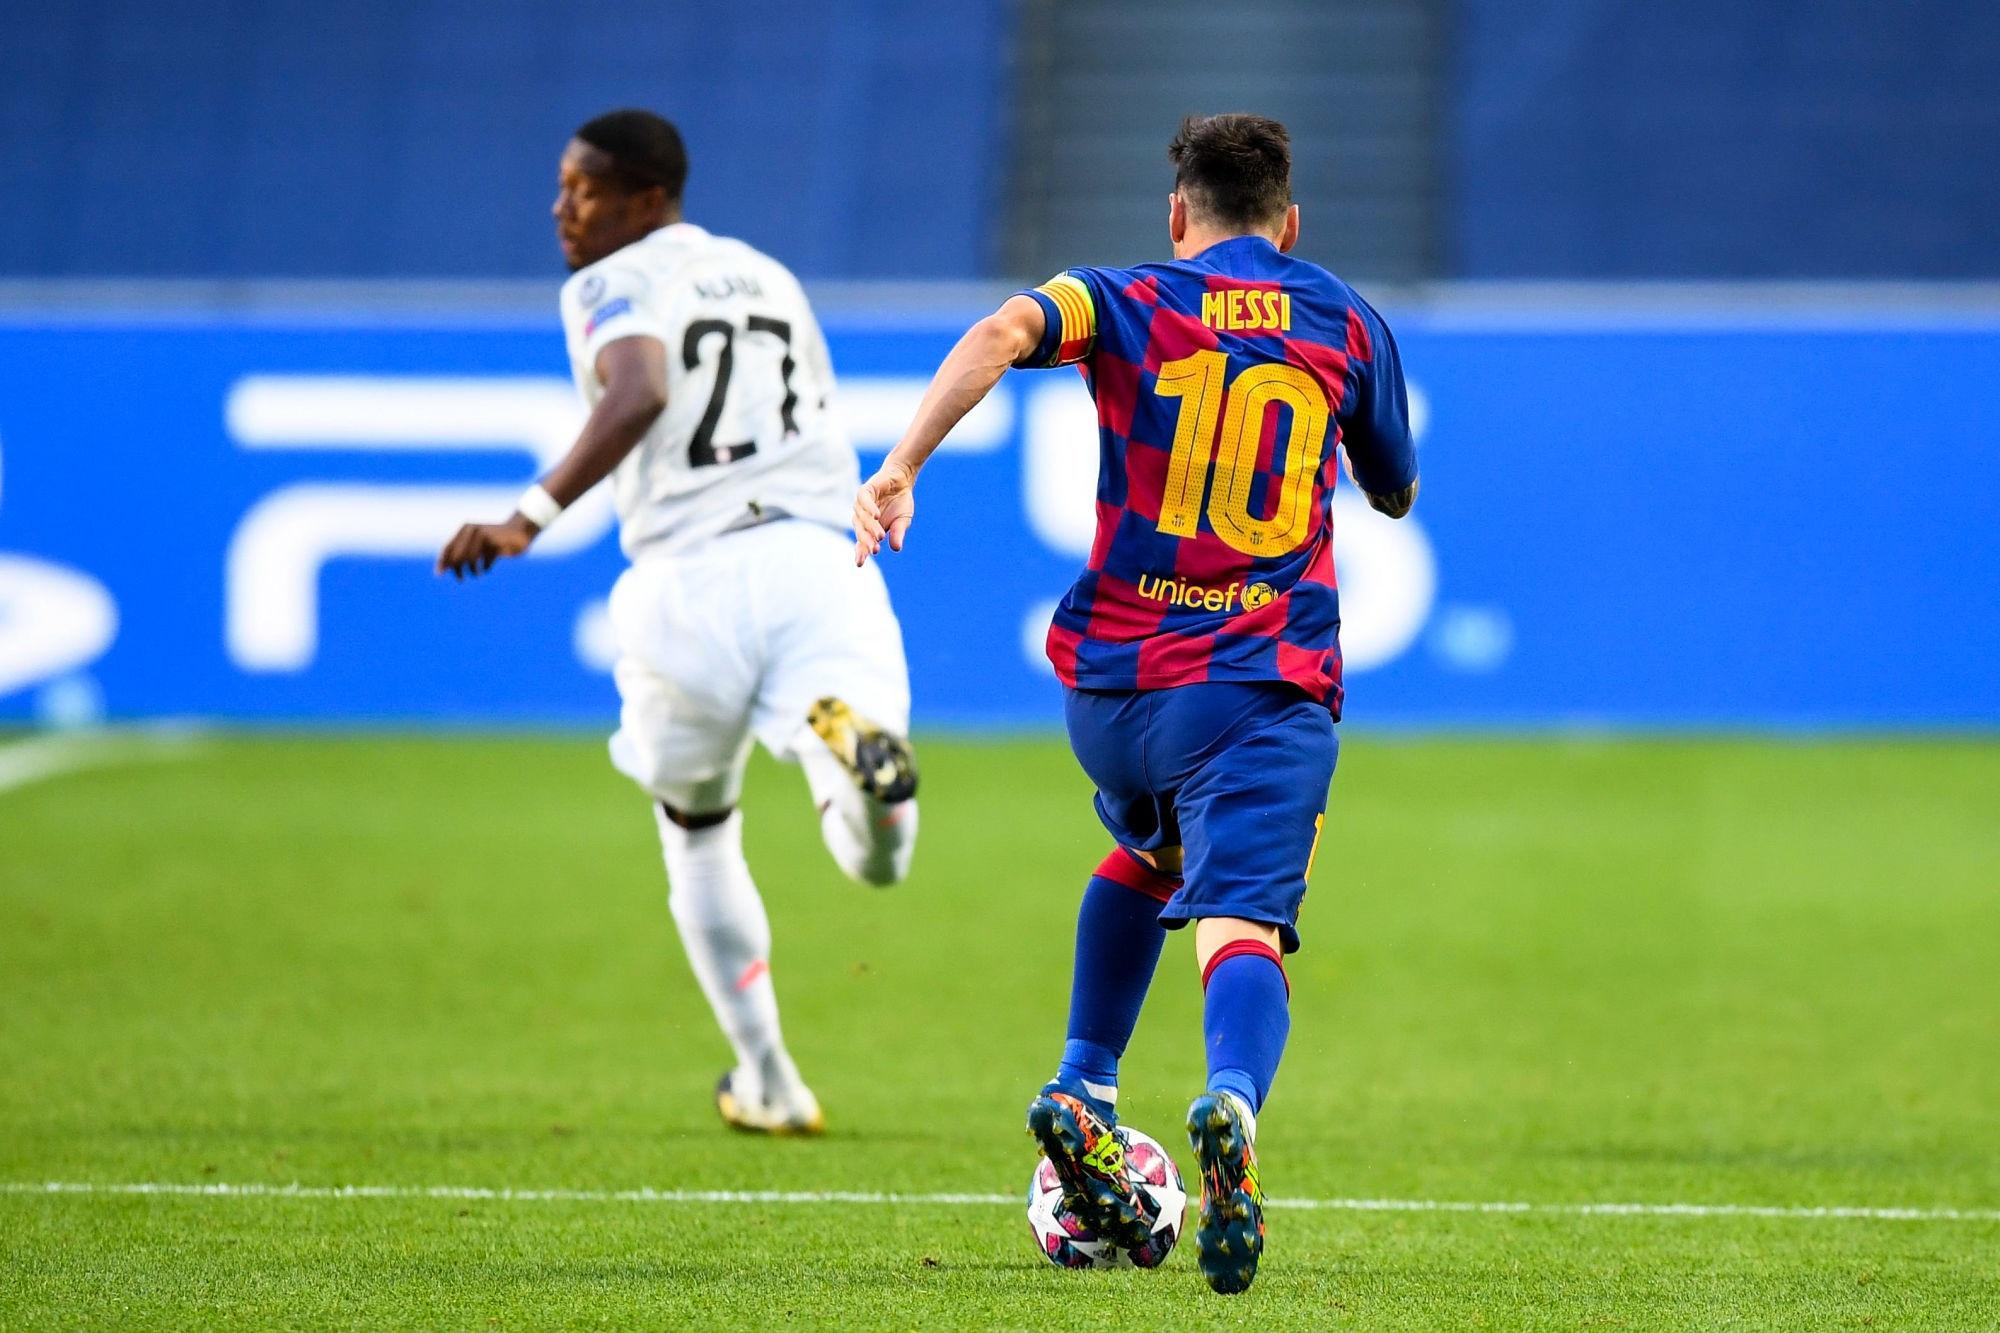 Mercato - Messi a choisi City, notamment pour revenir au Barça ensuite explique L'Equipe